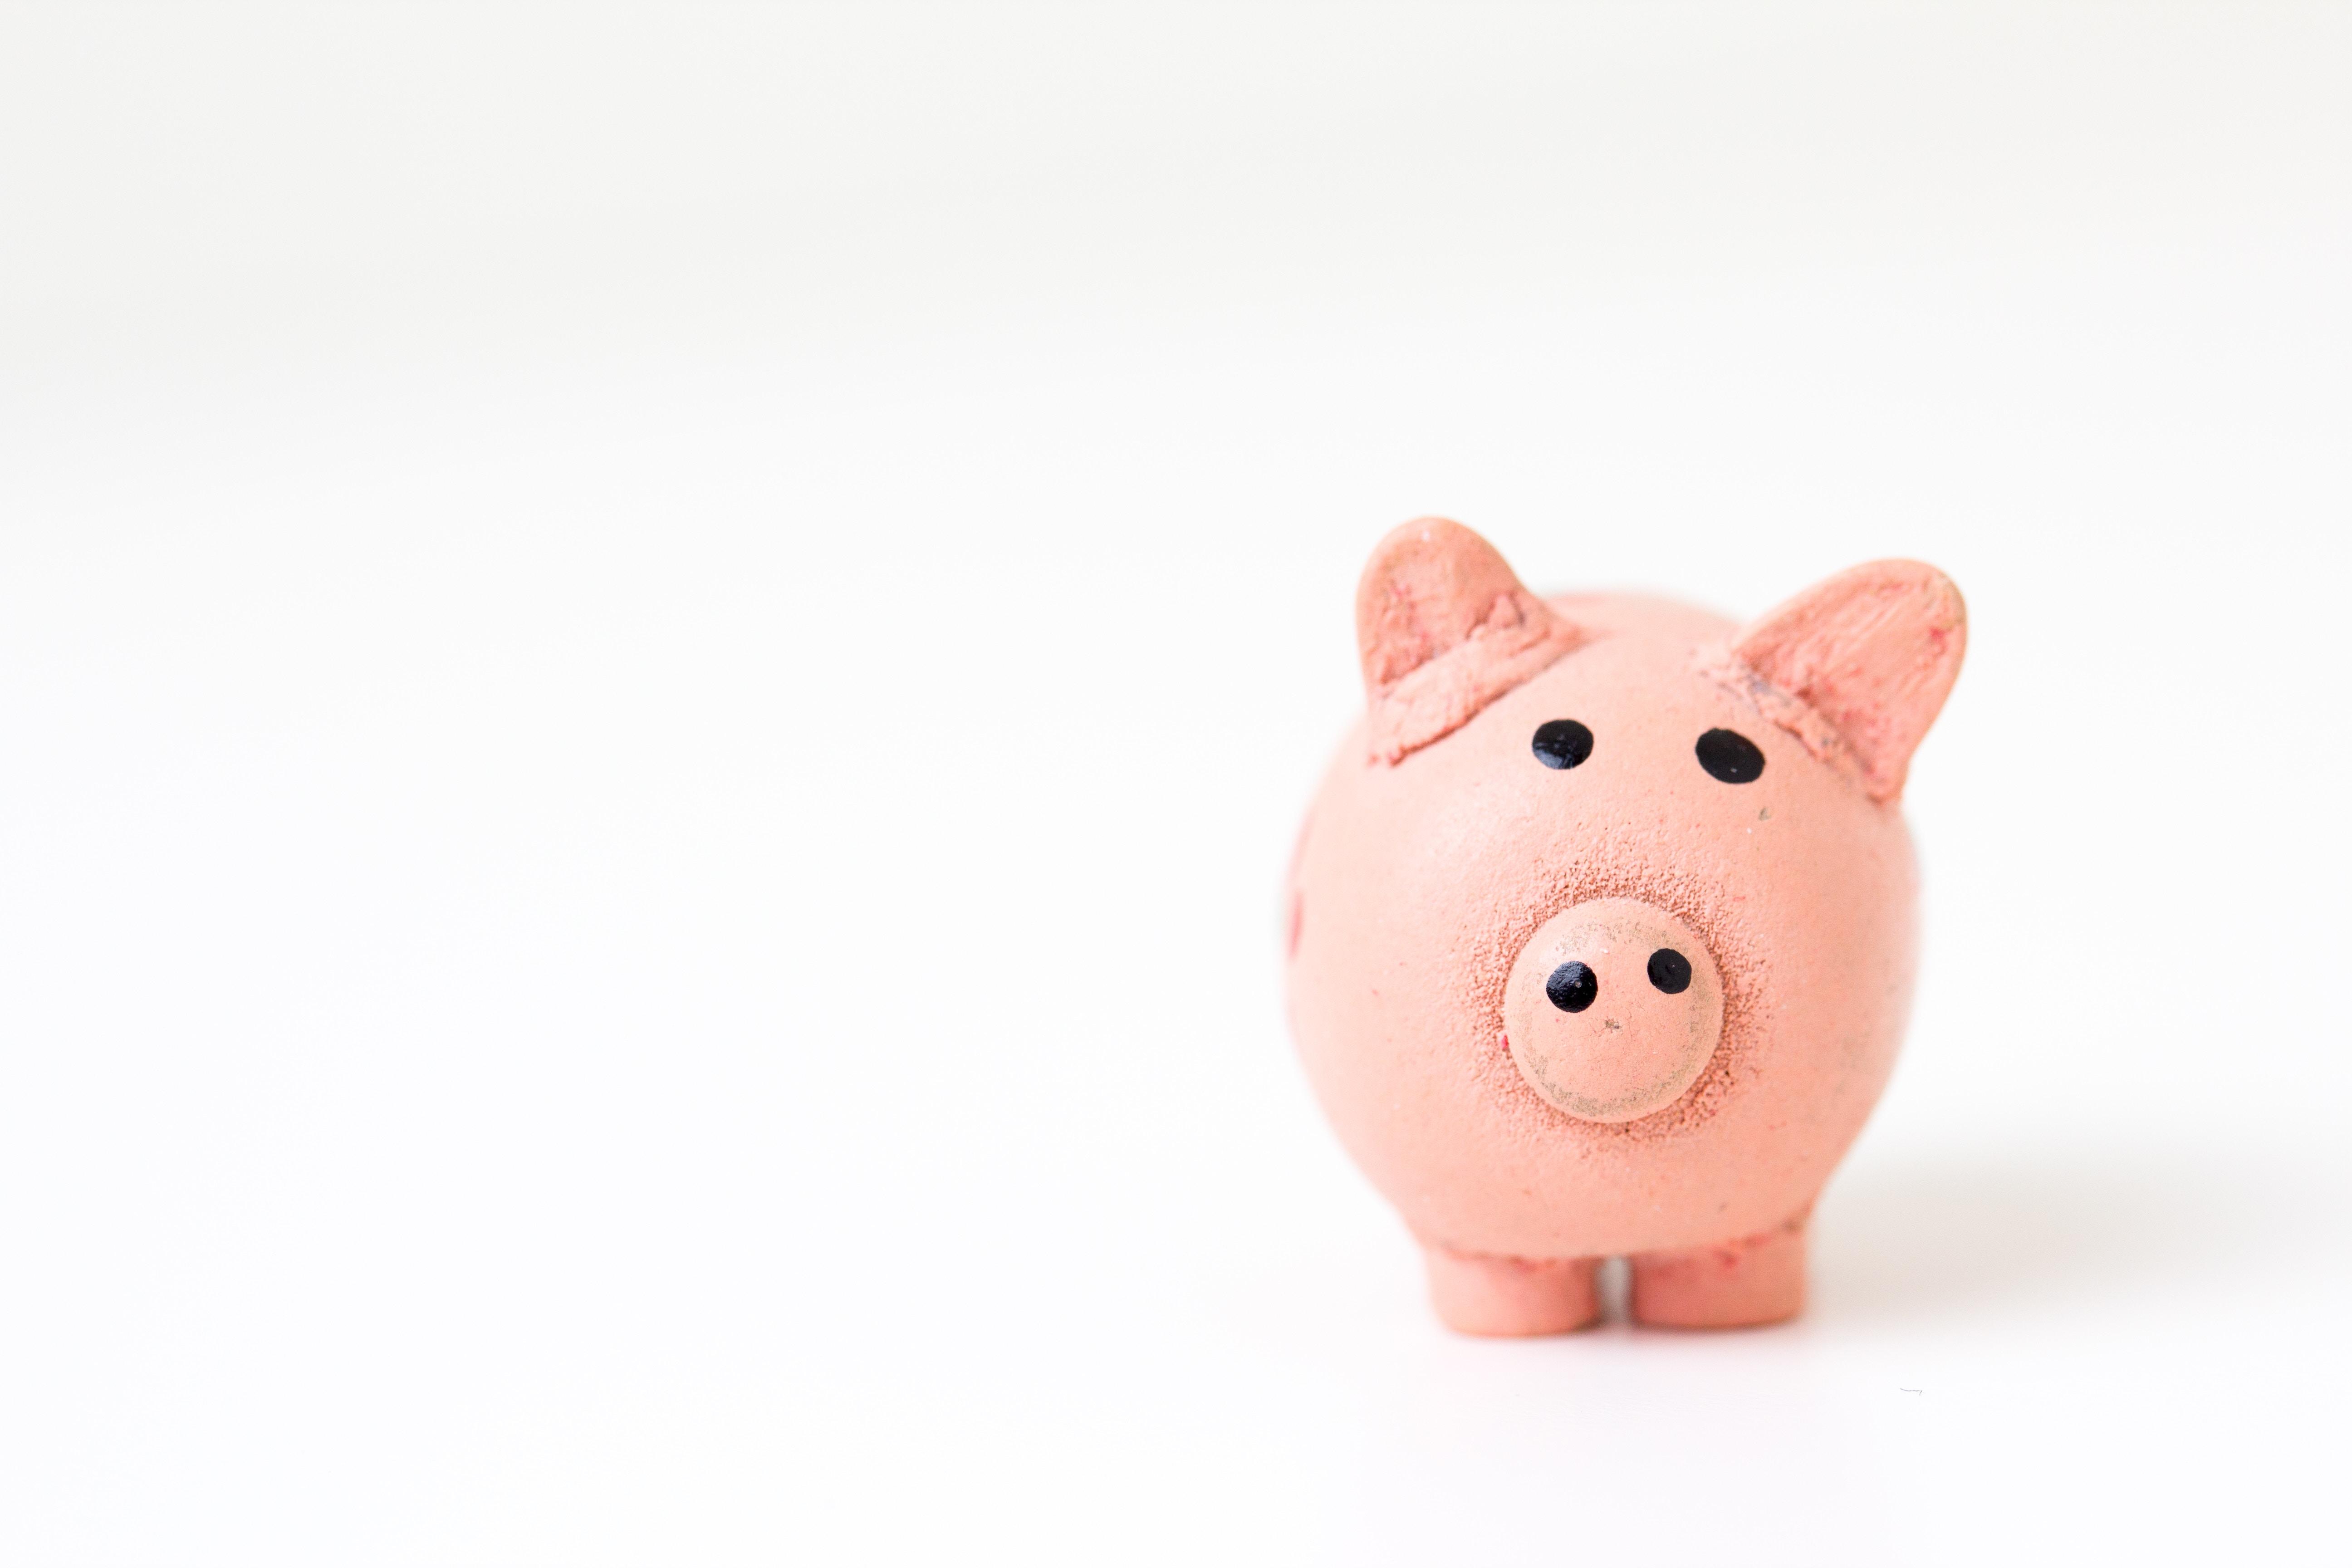 Cinq points pouvant vous faire économiser lors de l'achat de votre première maison